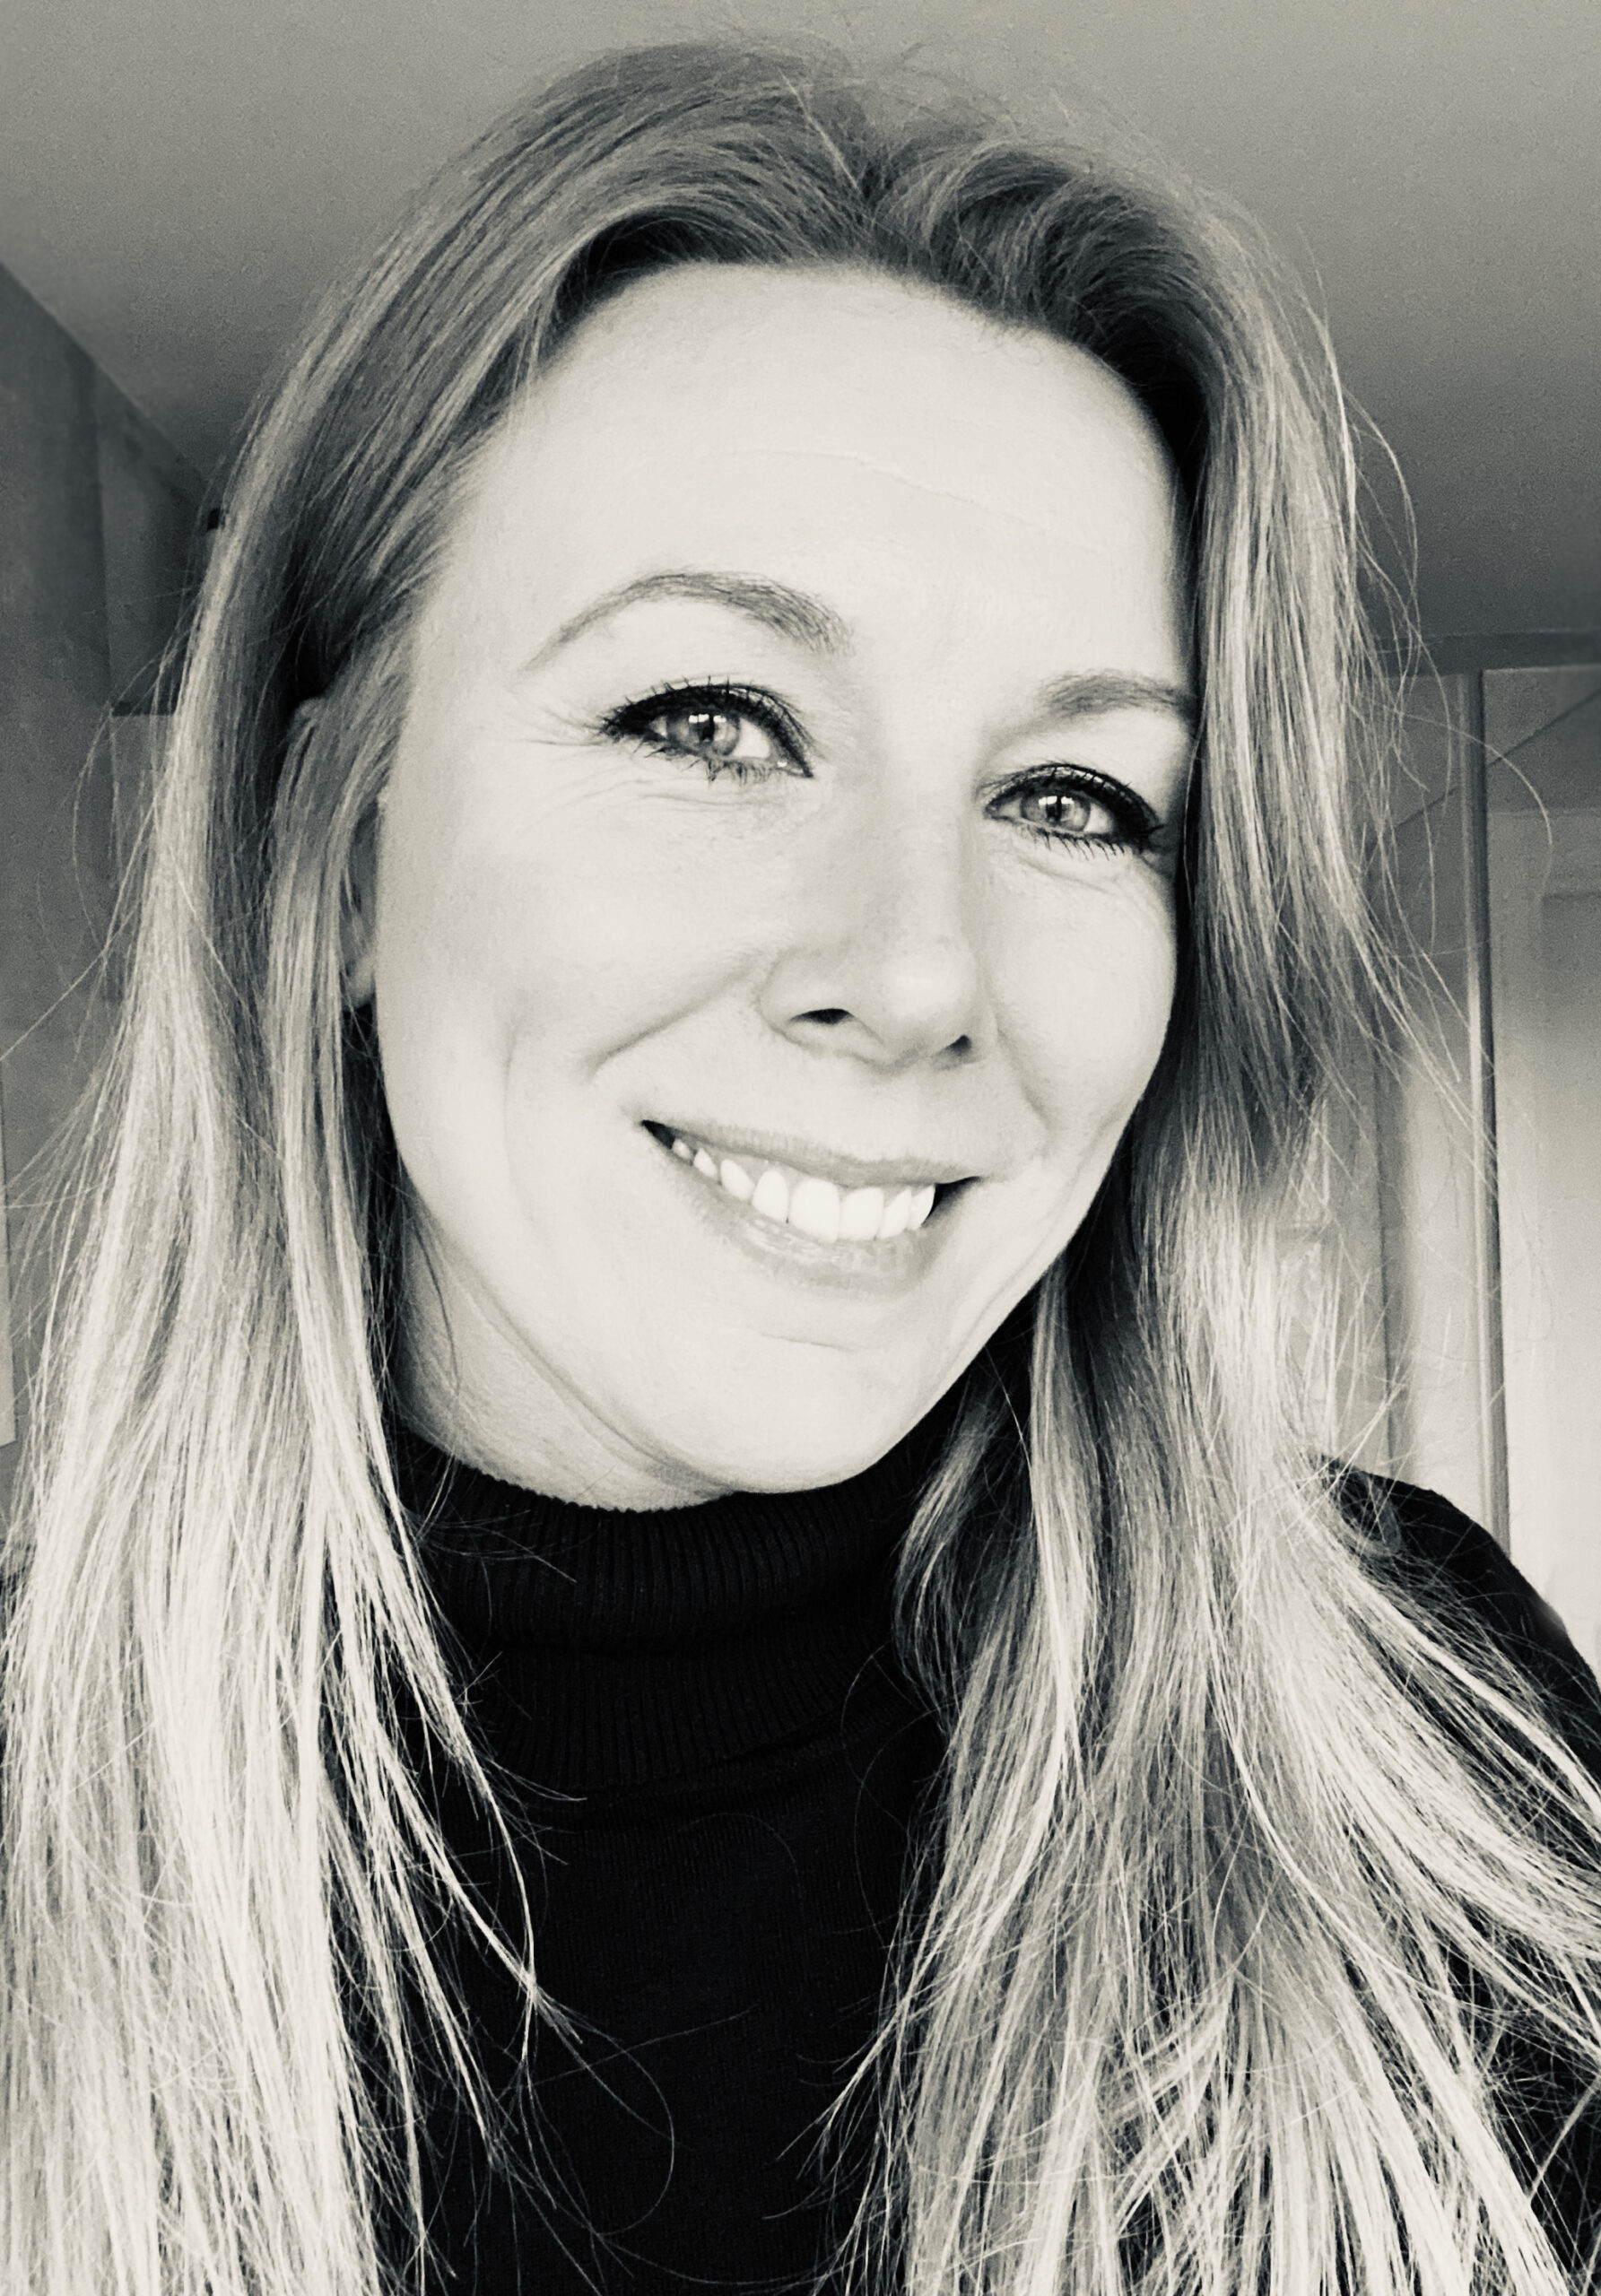 Audrey Jeurissen